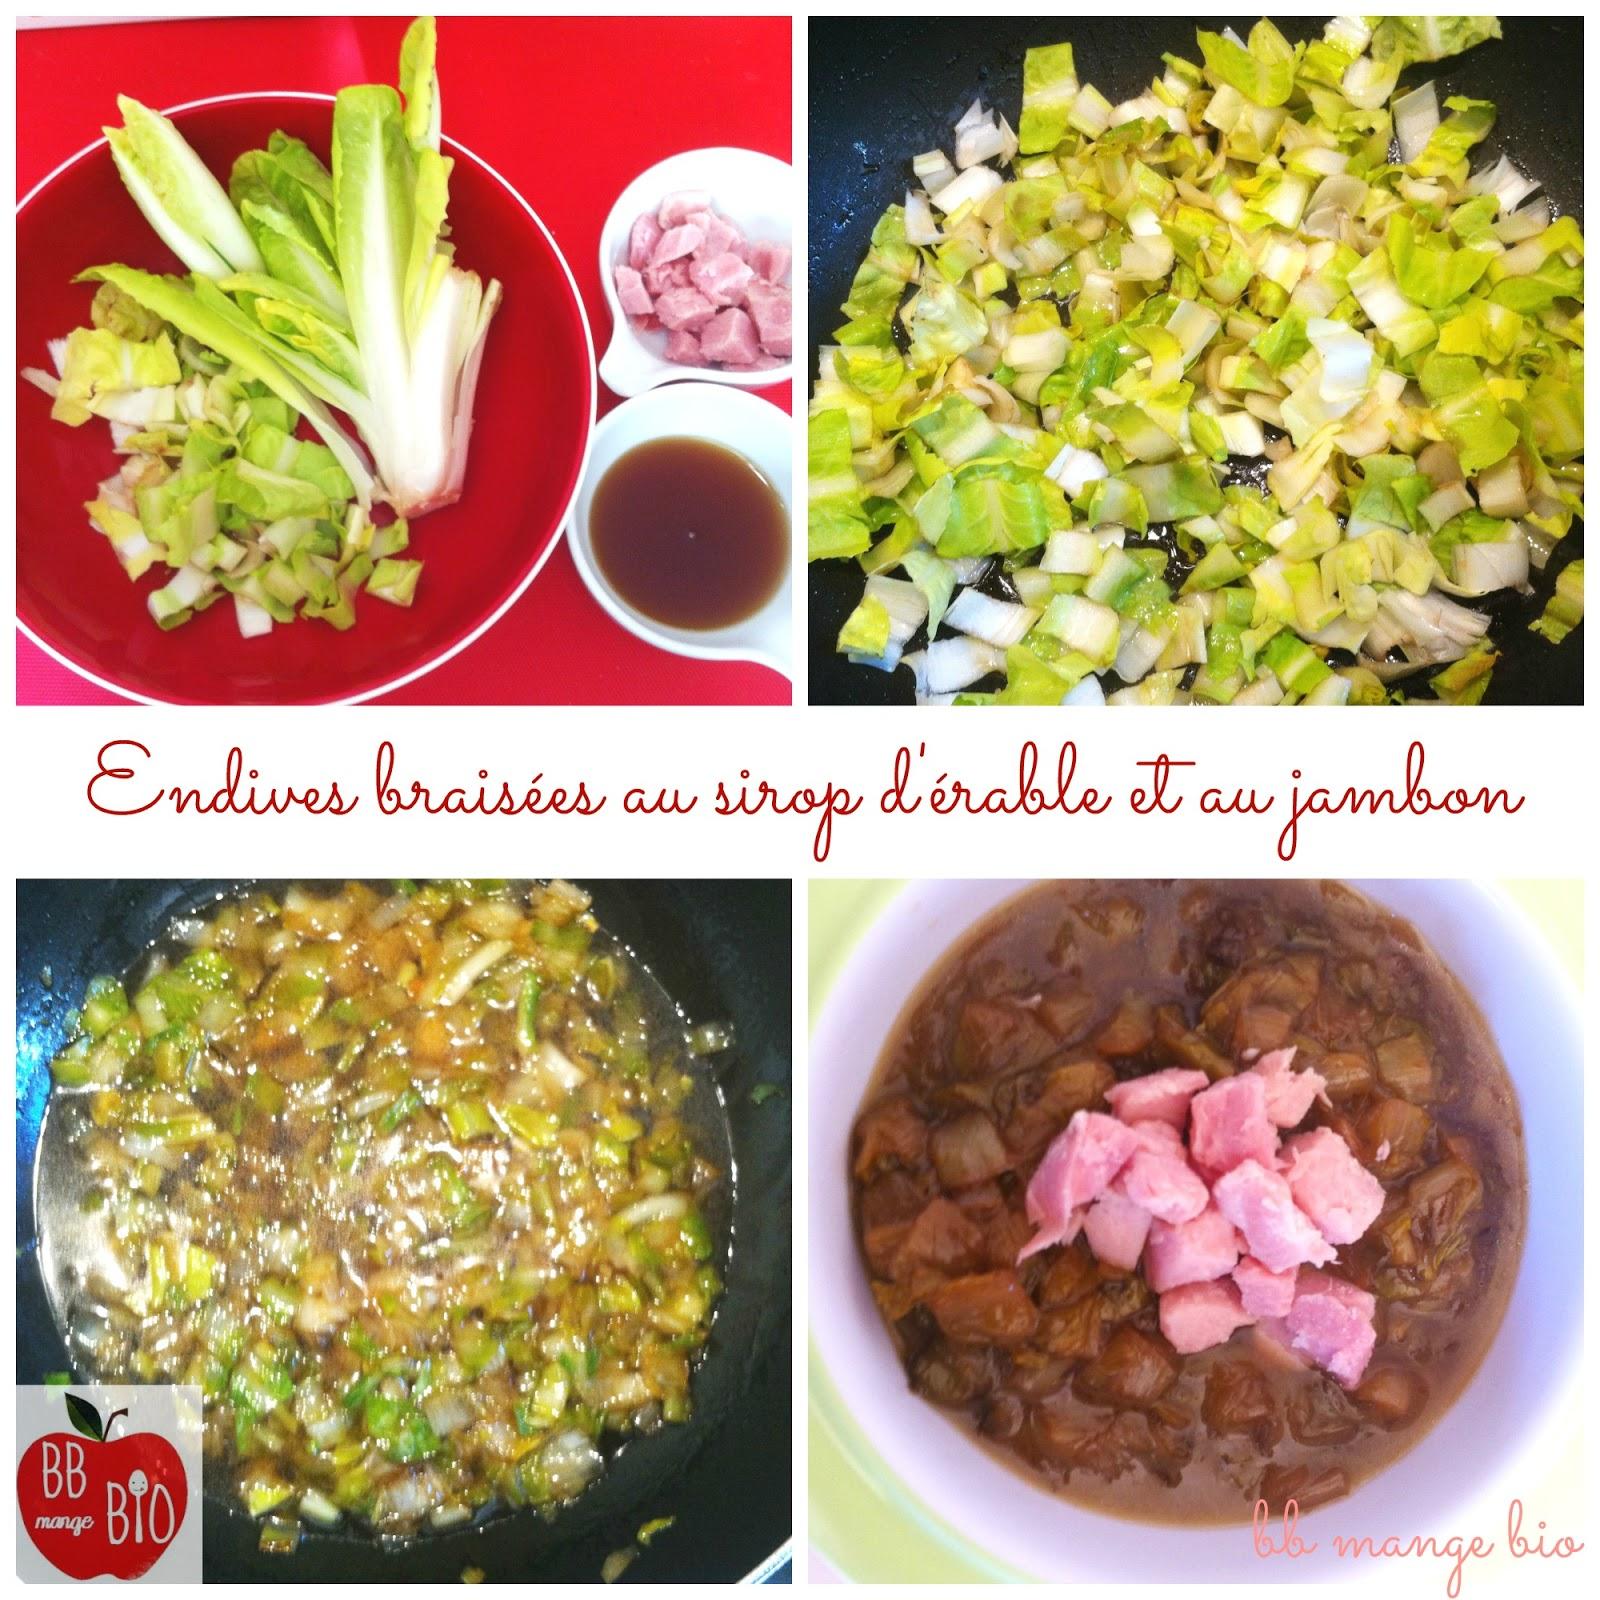 BB mange bio et les Endives braisées au sirop d'érable et au jambon un plat pour les grands